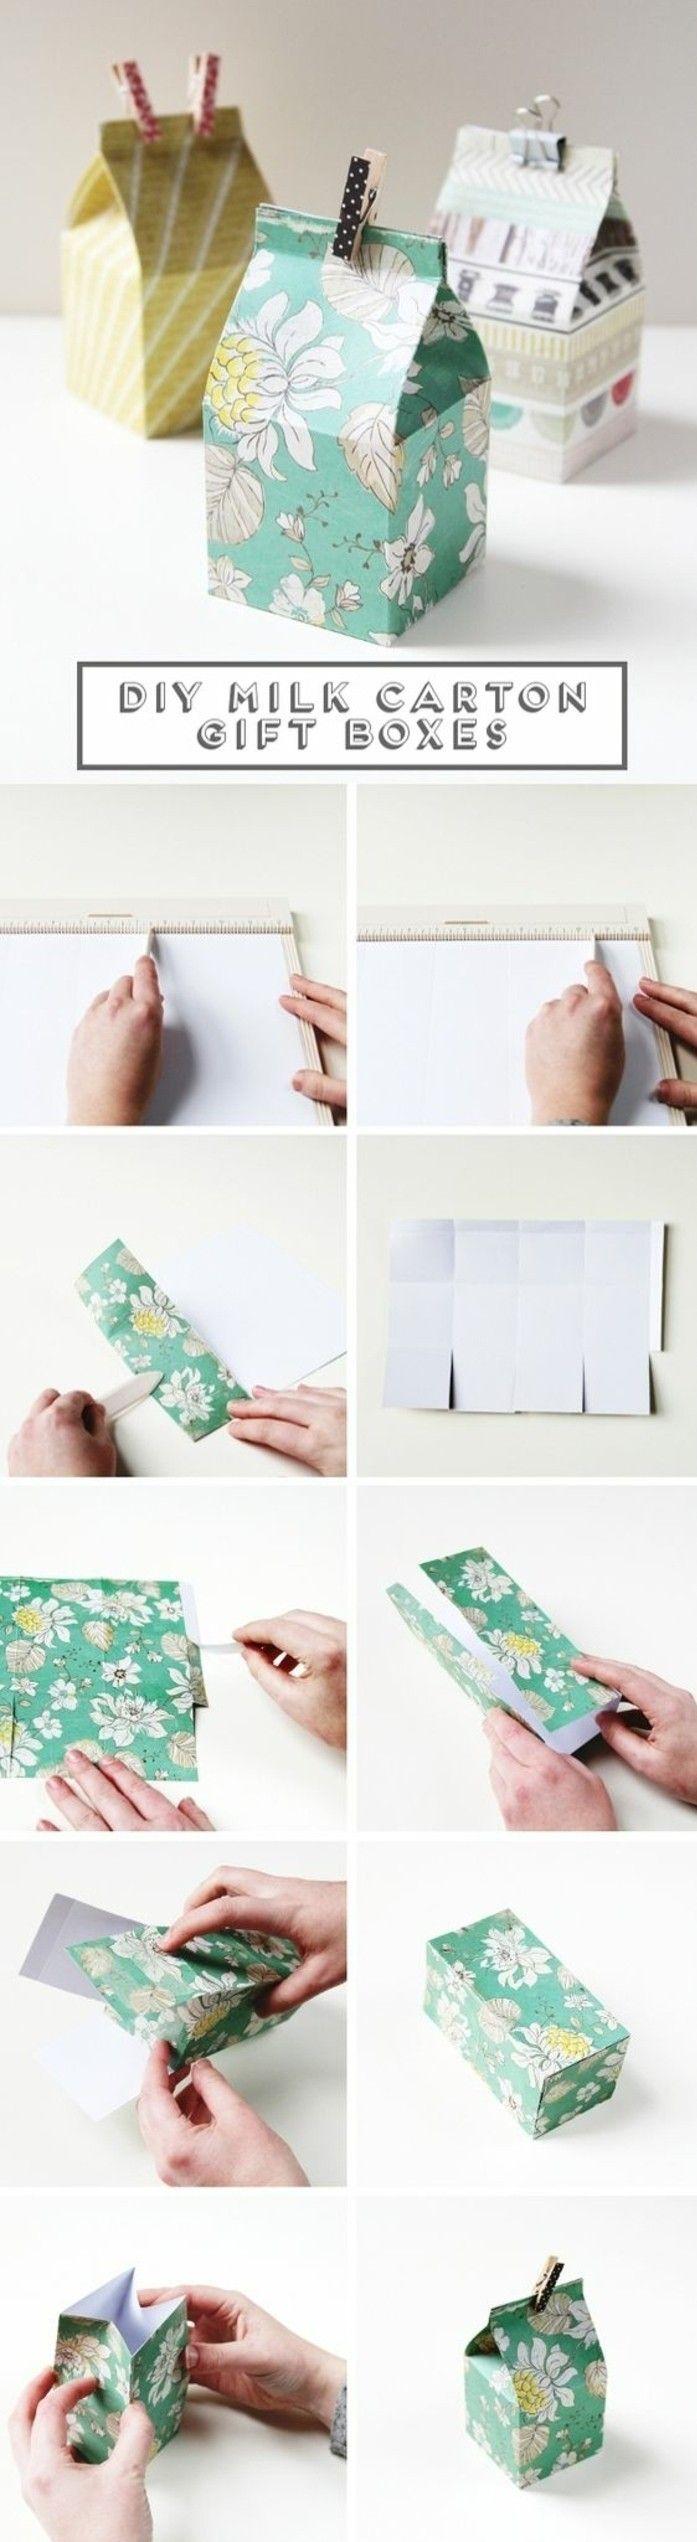 Les 25 meilleures id es concernant cartons de lait sur pinterest artisanat - Comment faire des travaux manuels ...